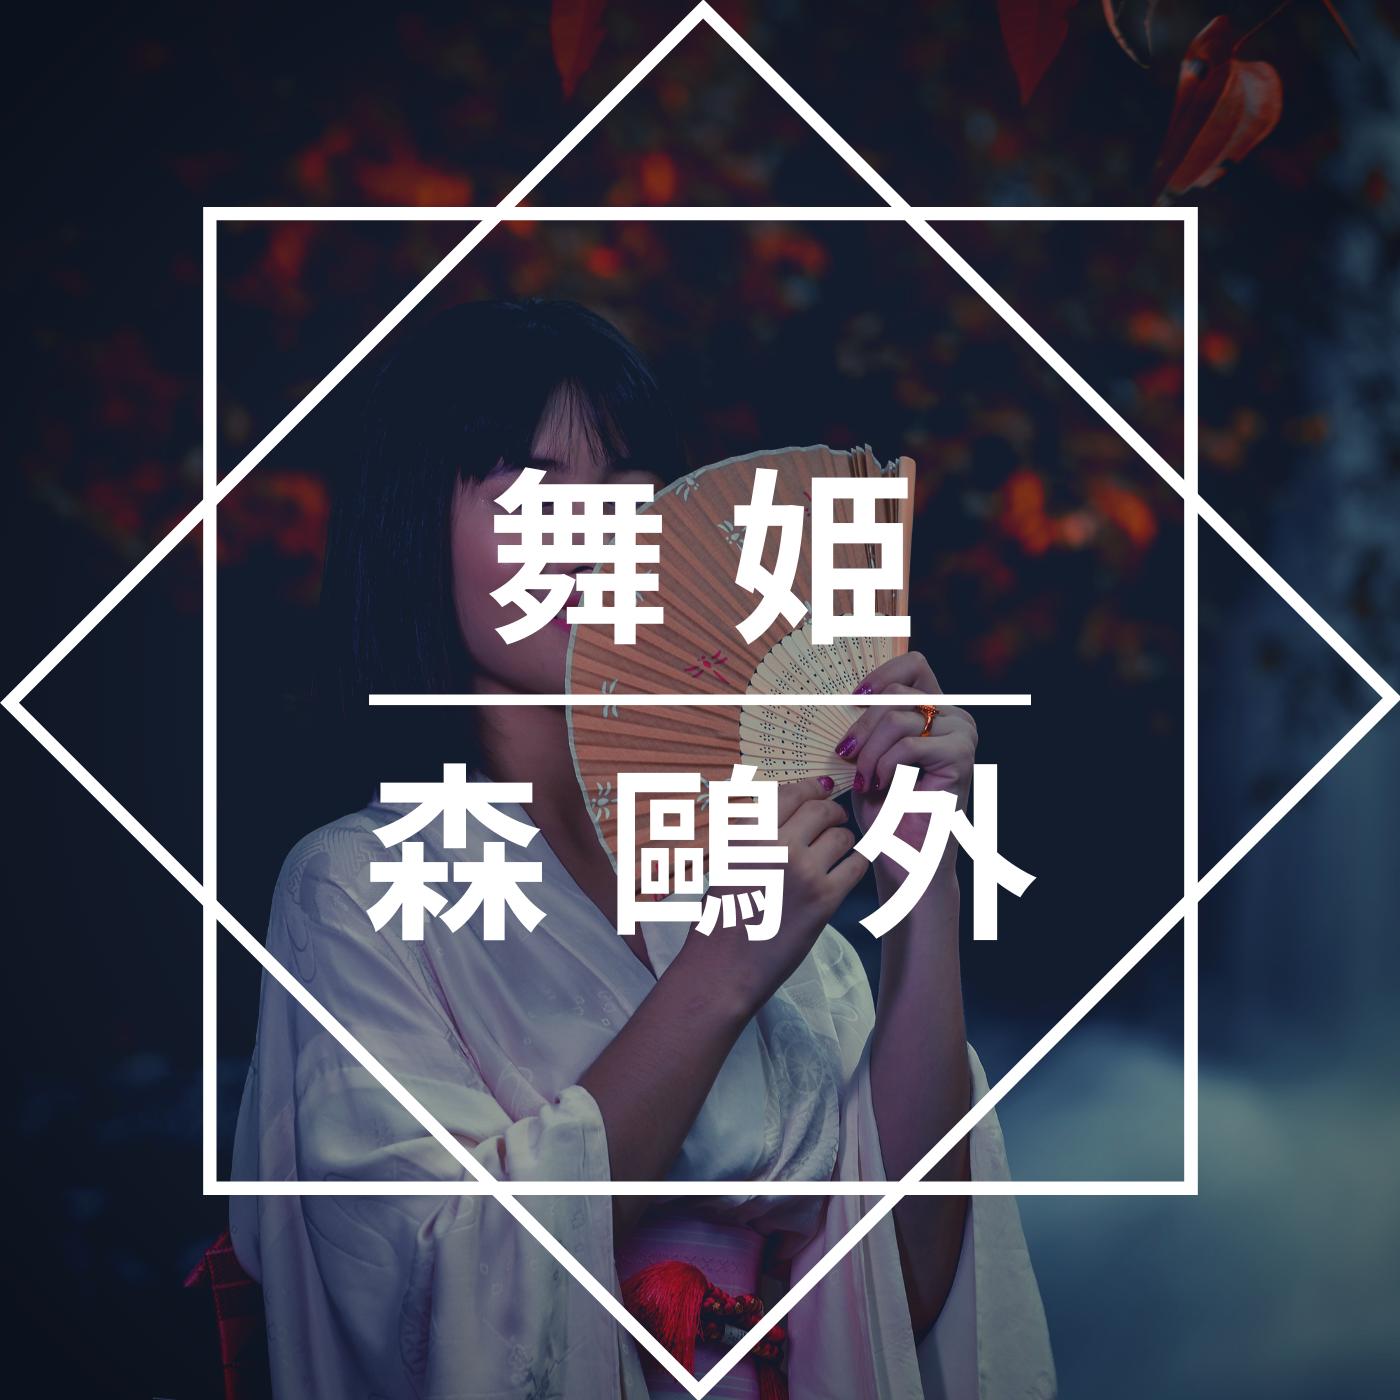 森鴎外「舞姫」のあらすじを徹底解説、読んでみた感想